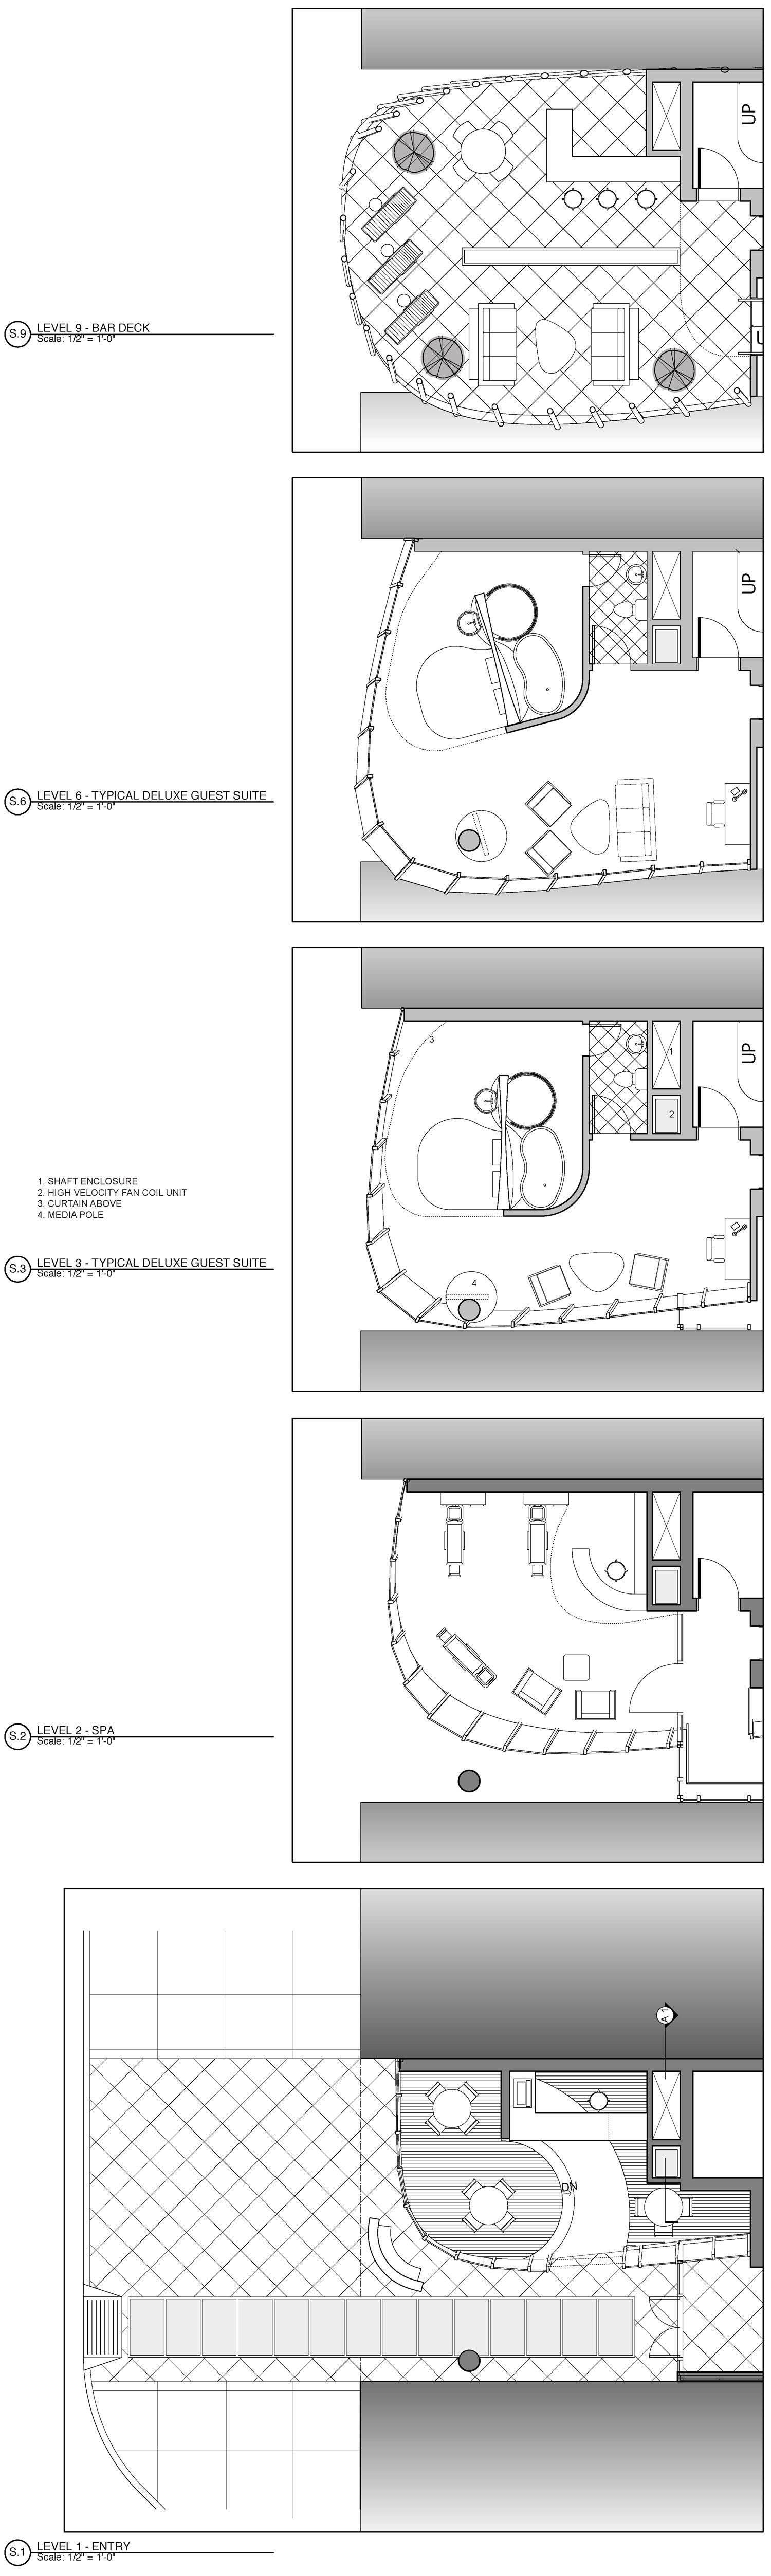 Da Hotel-9-Diagrams-Room Plans.jpg